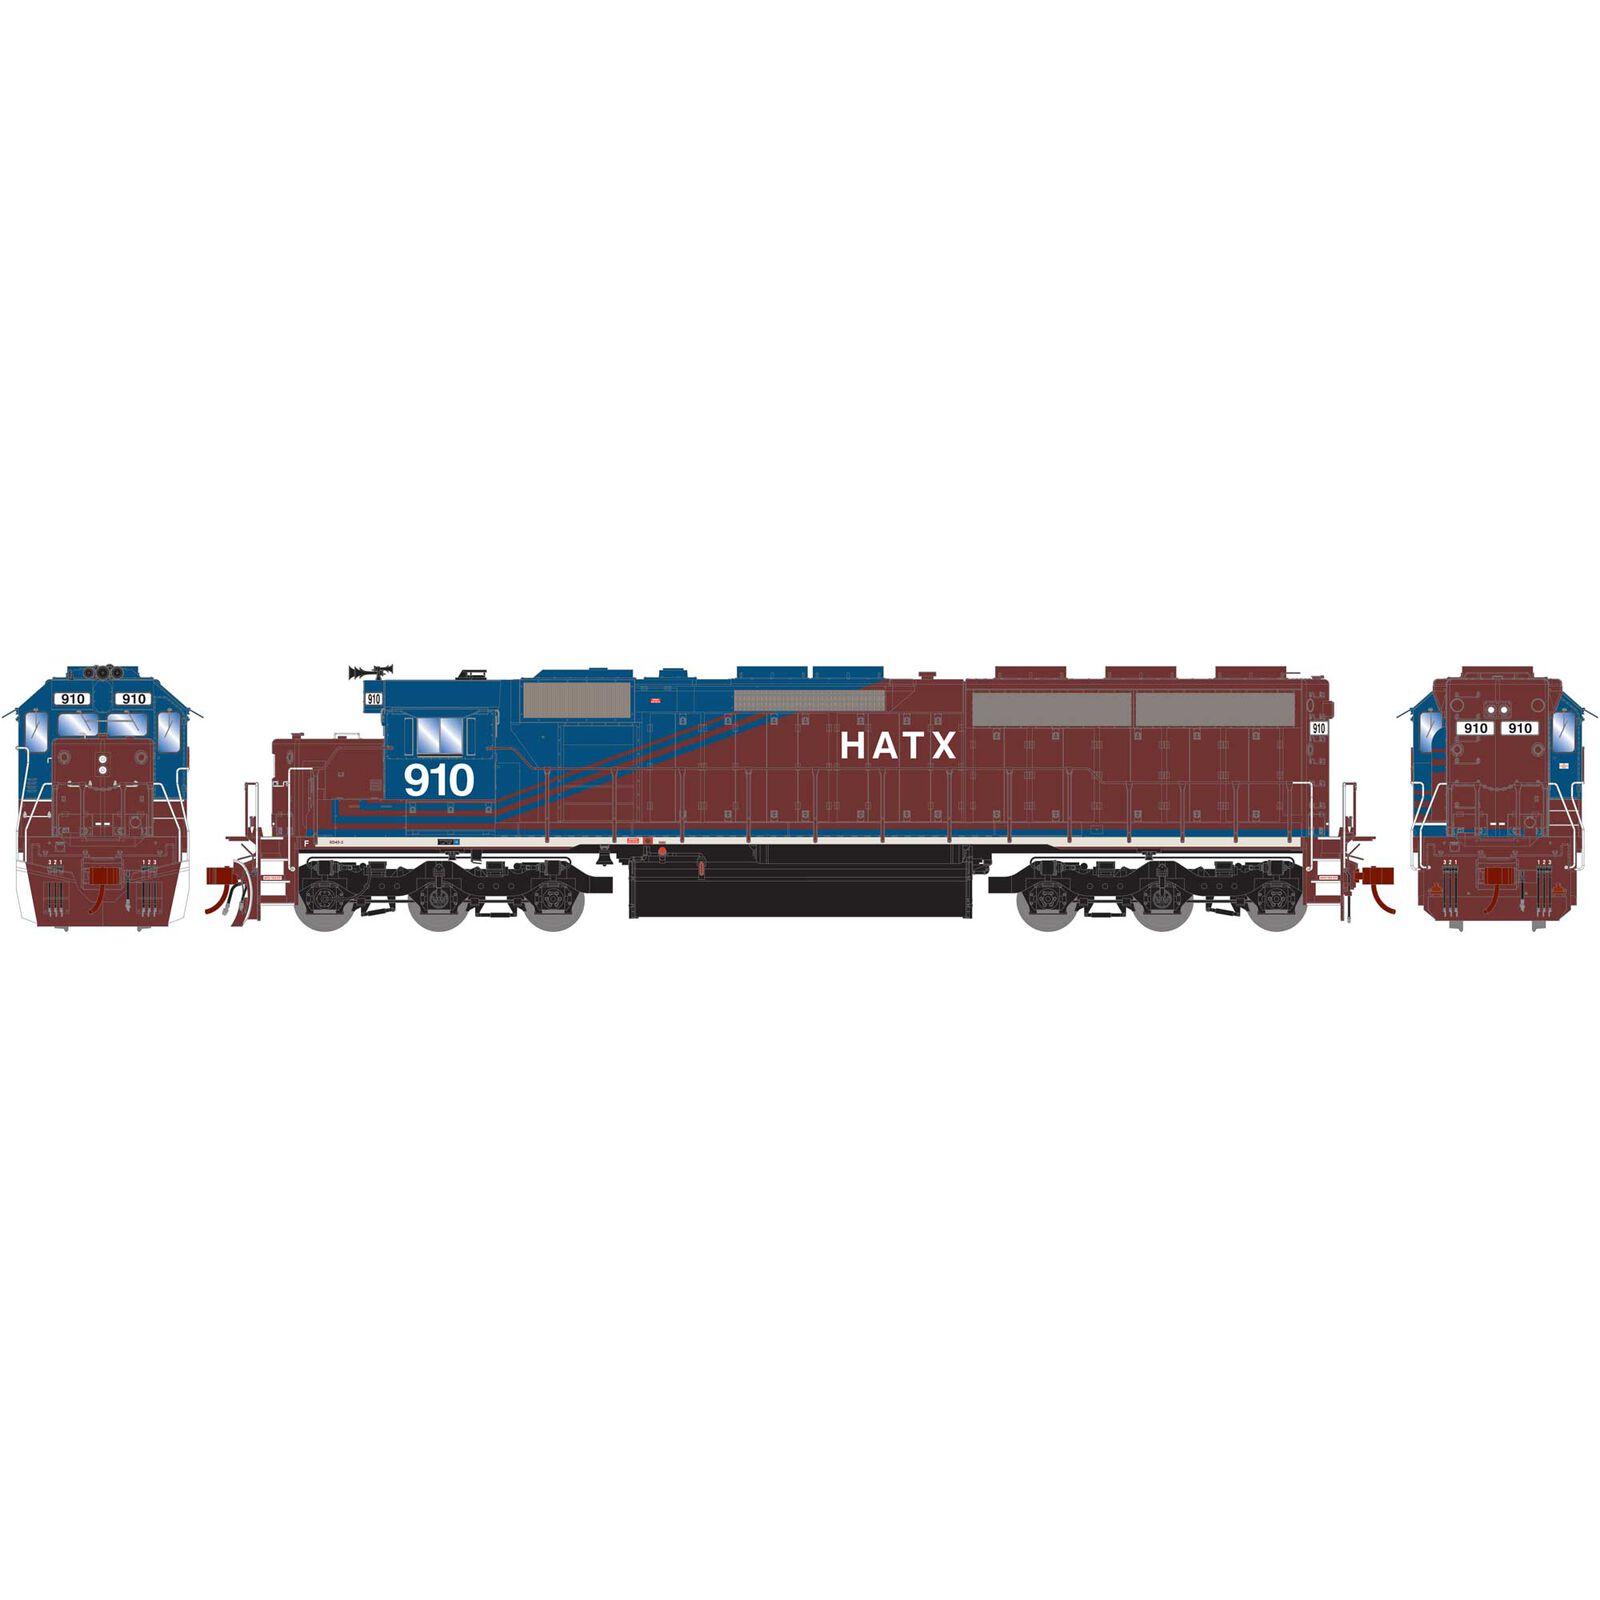 HO SD45-2 HATX #910